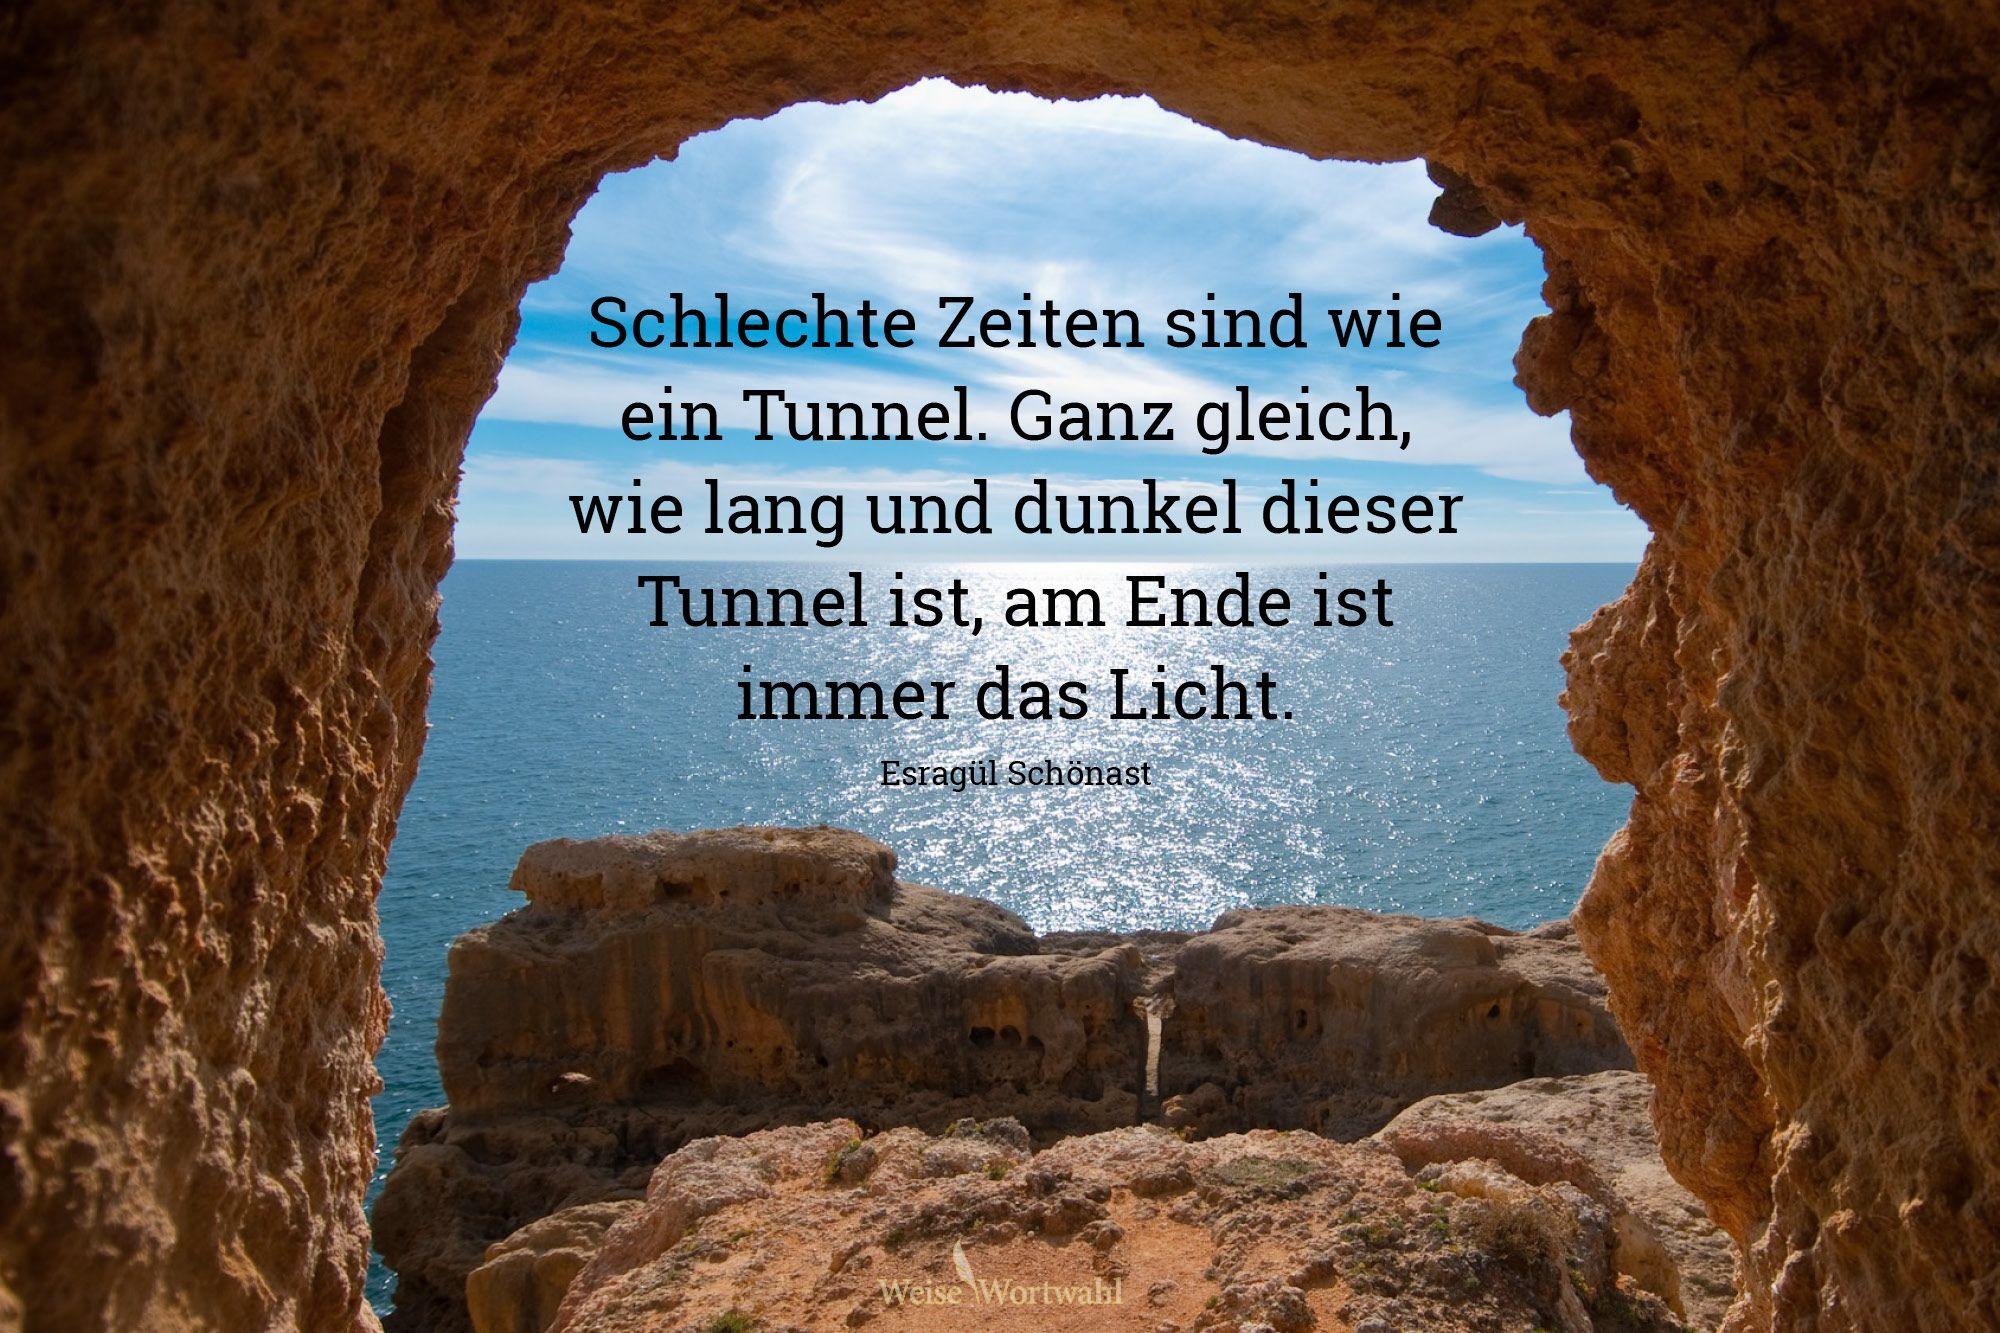 Schlechte Zeiten sind wie ein Tunnel. Ganz gleich, wie